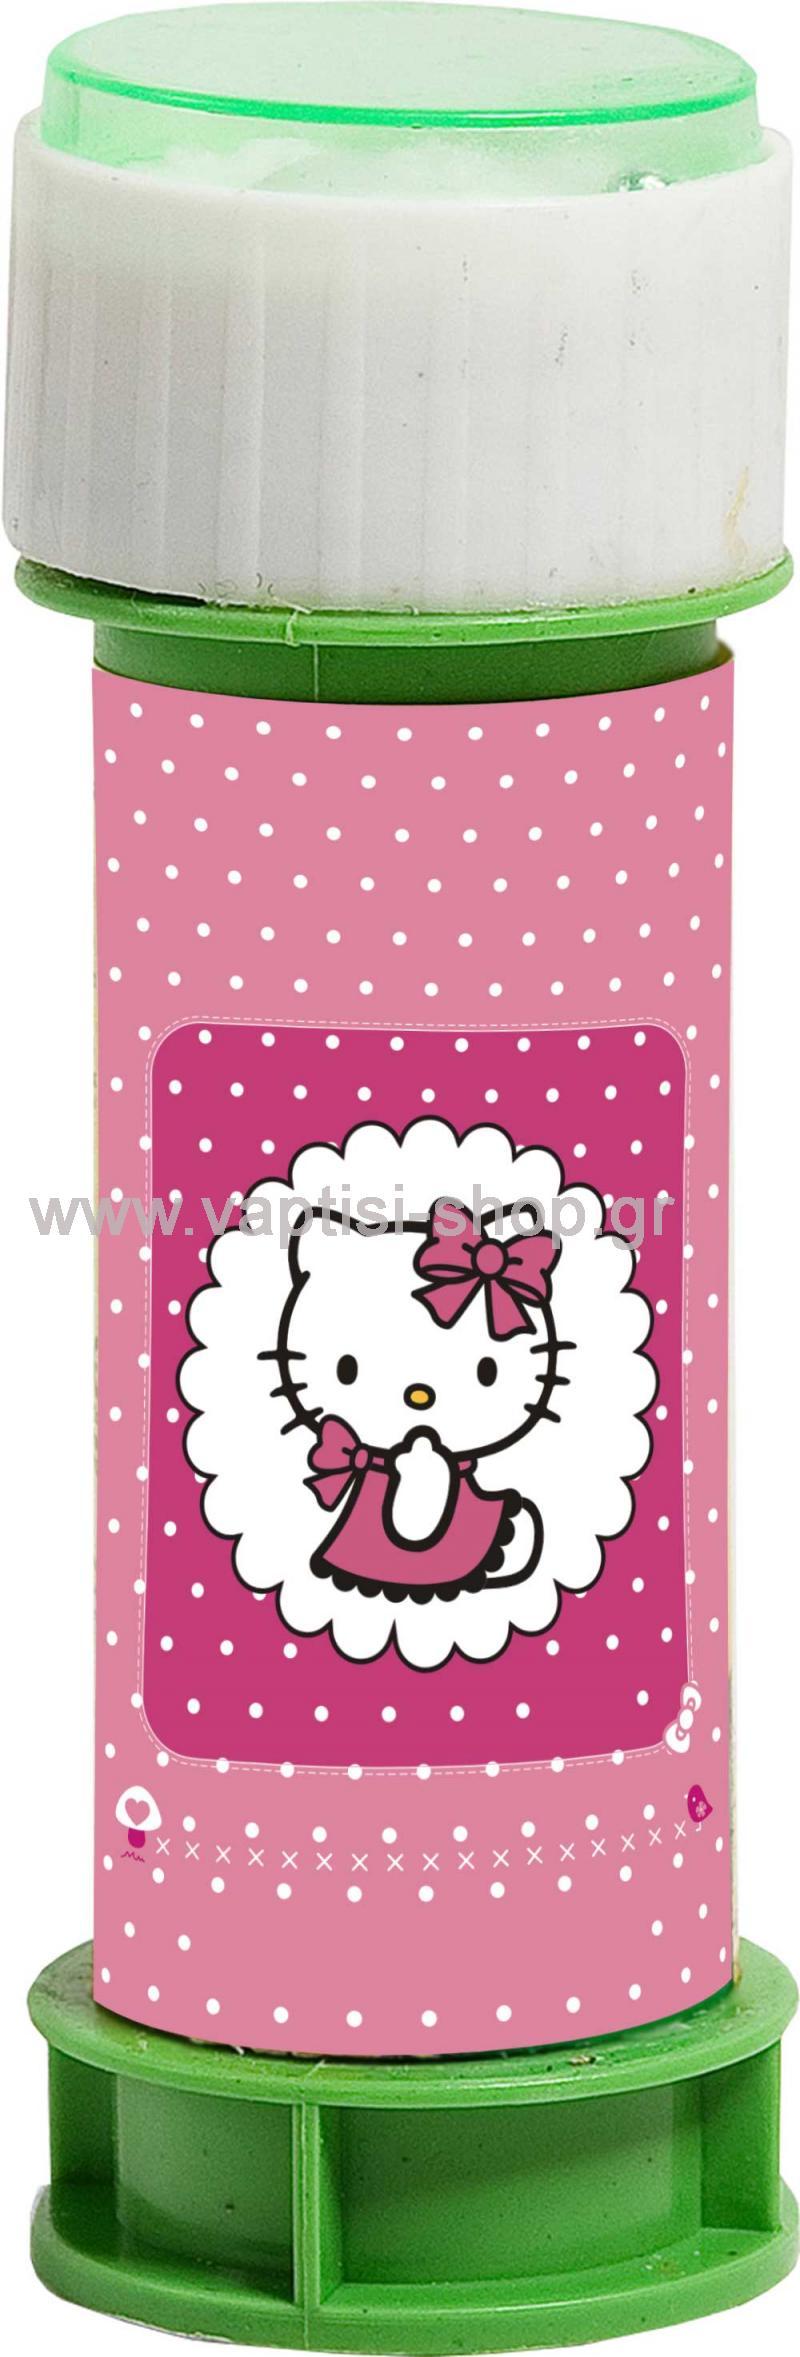 Μπουκαλάκι για Σαπουνόφουσκες  Hello Kitty